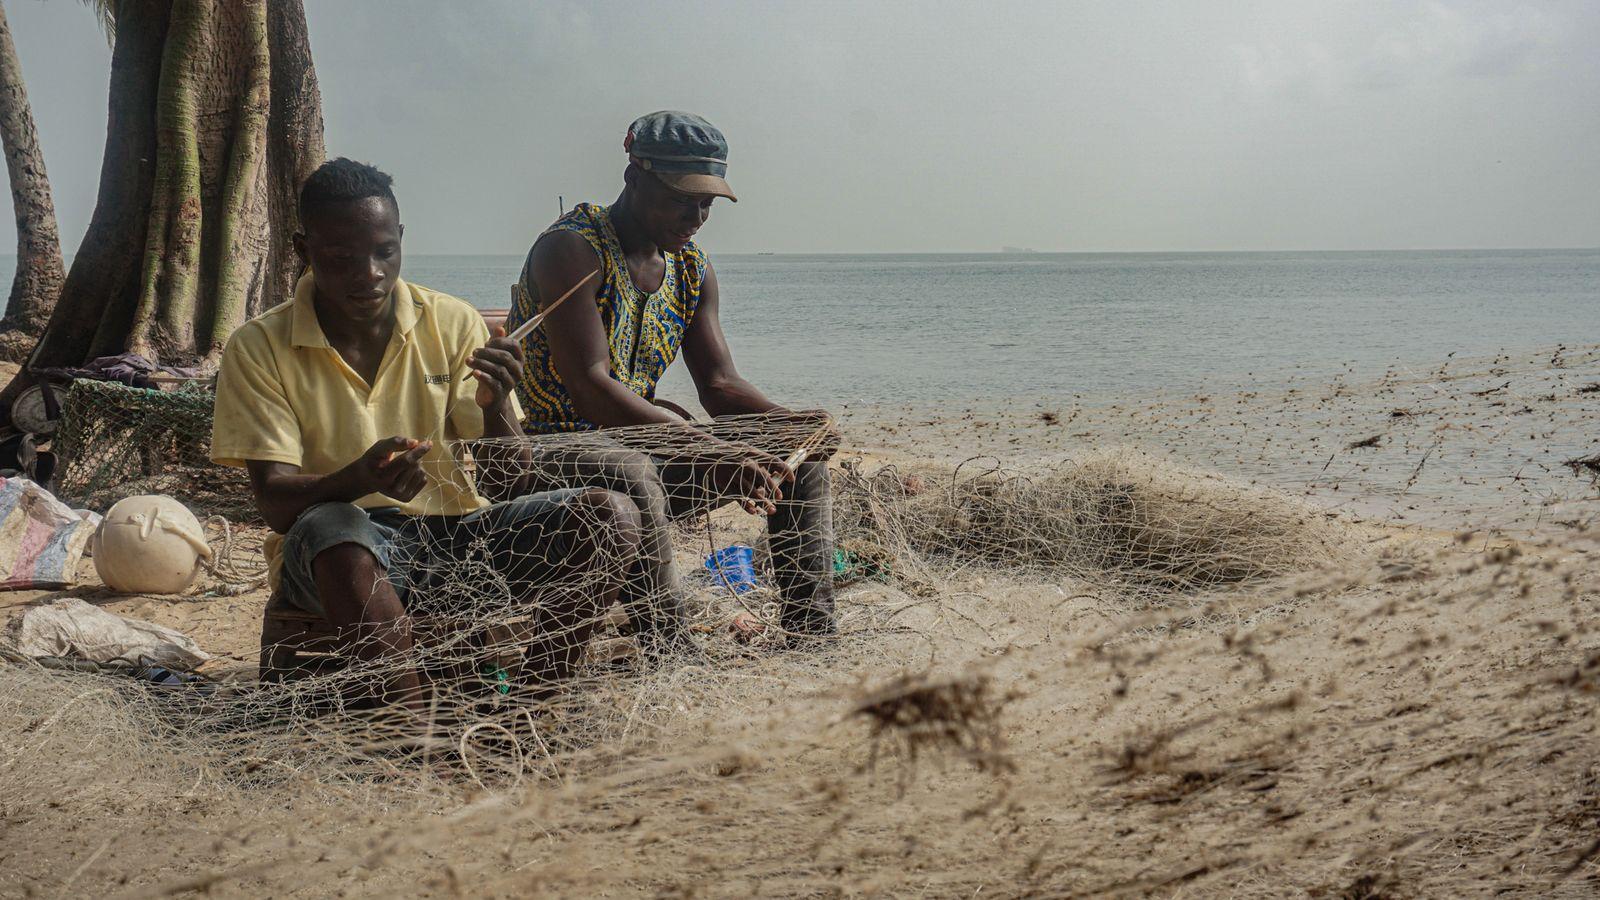 Zwei Fischer nähen ihre Netze - Alicia Prager